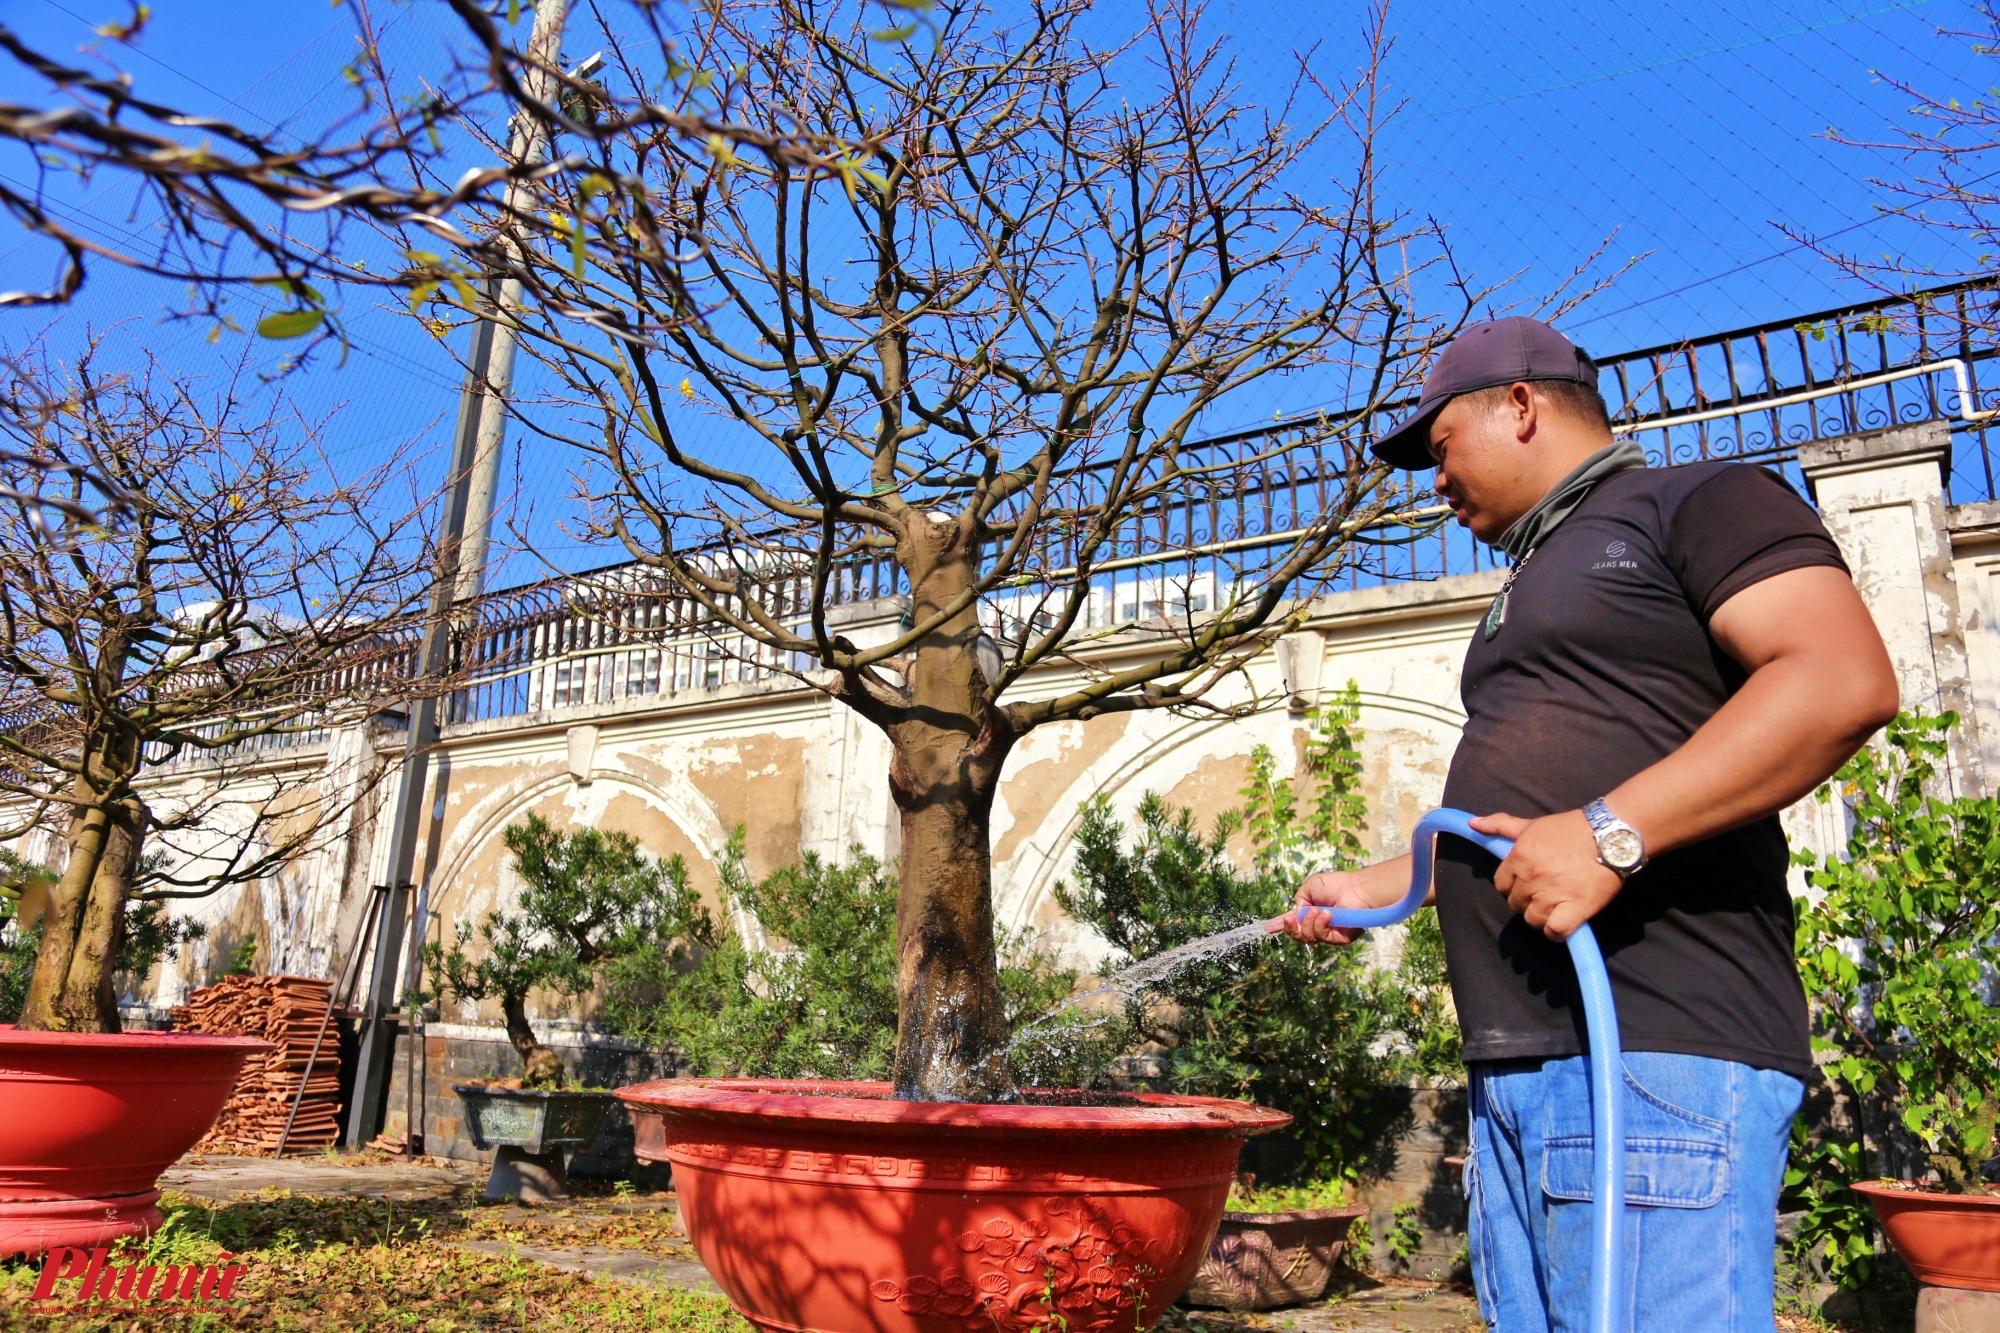 Vườn mai của anh Nguyễn Hồng Việt đa số đã được khách đặt hàng từ sớm. Năm nay giá mai cao hơn năm trước, vì thời tiết thuận lợi mai nở đúng dịp tết, còn năm ngoái thì mai nở sớm hơn.